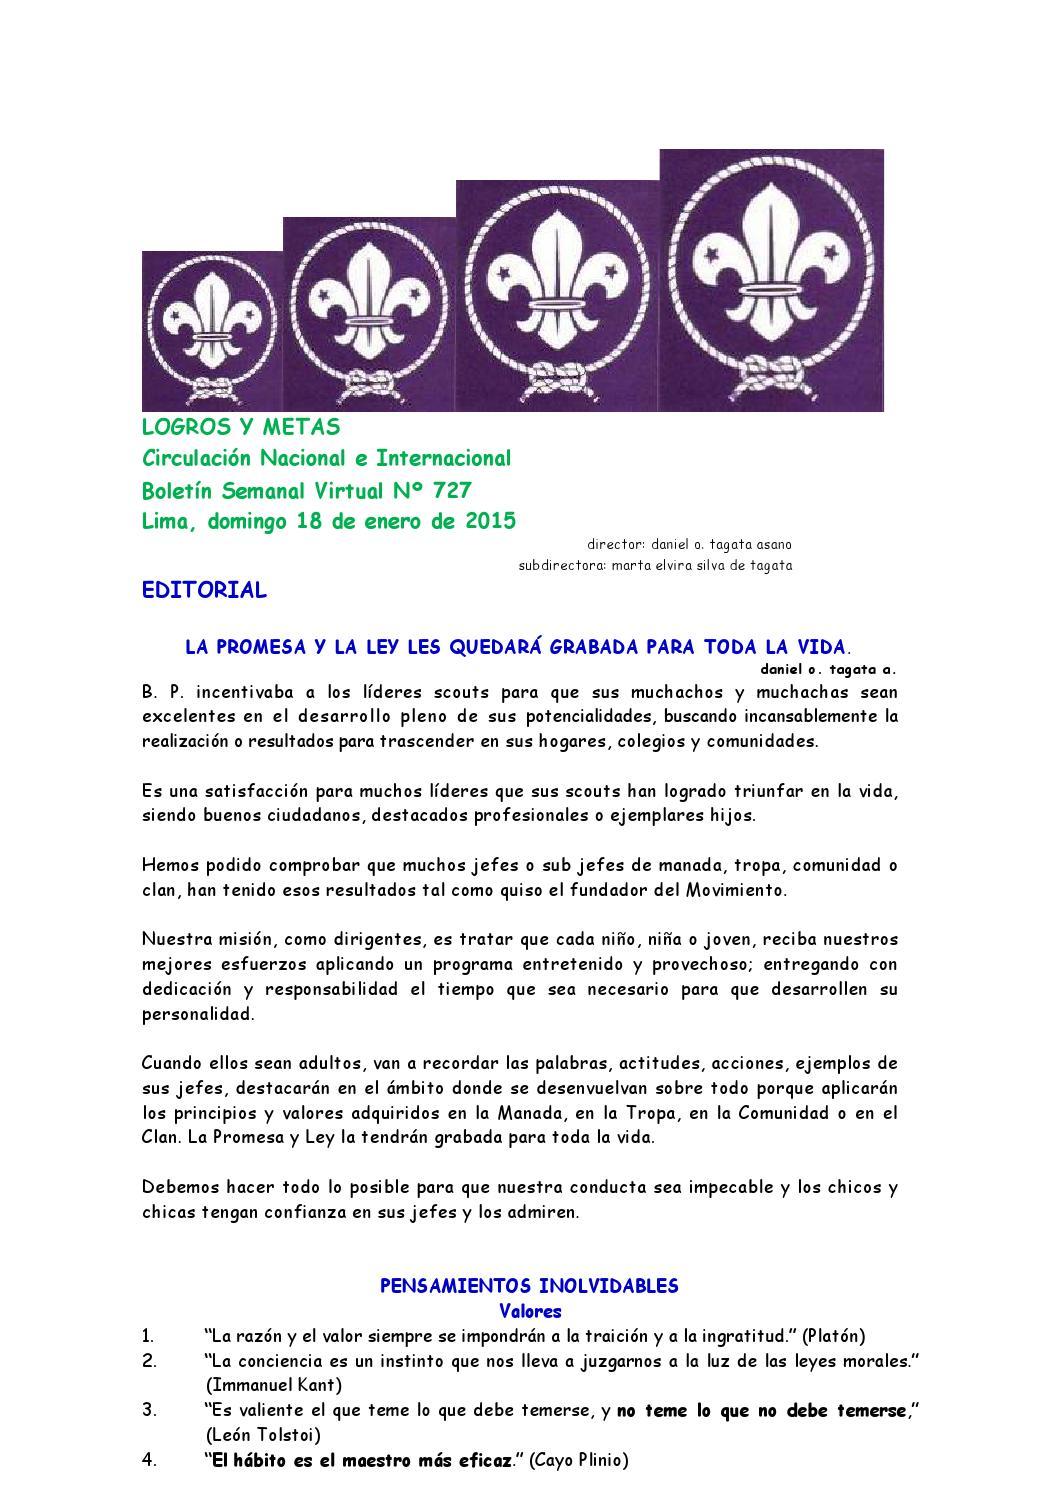 Jamboree Nacional by Boletín Logros y Metas - issuu